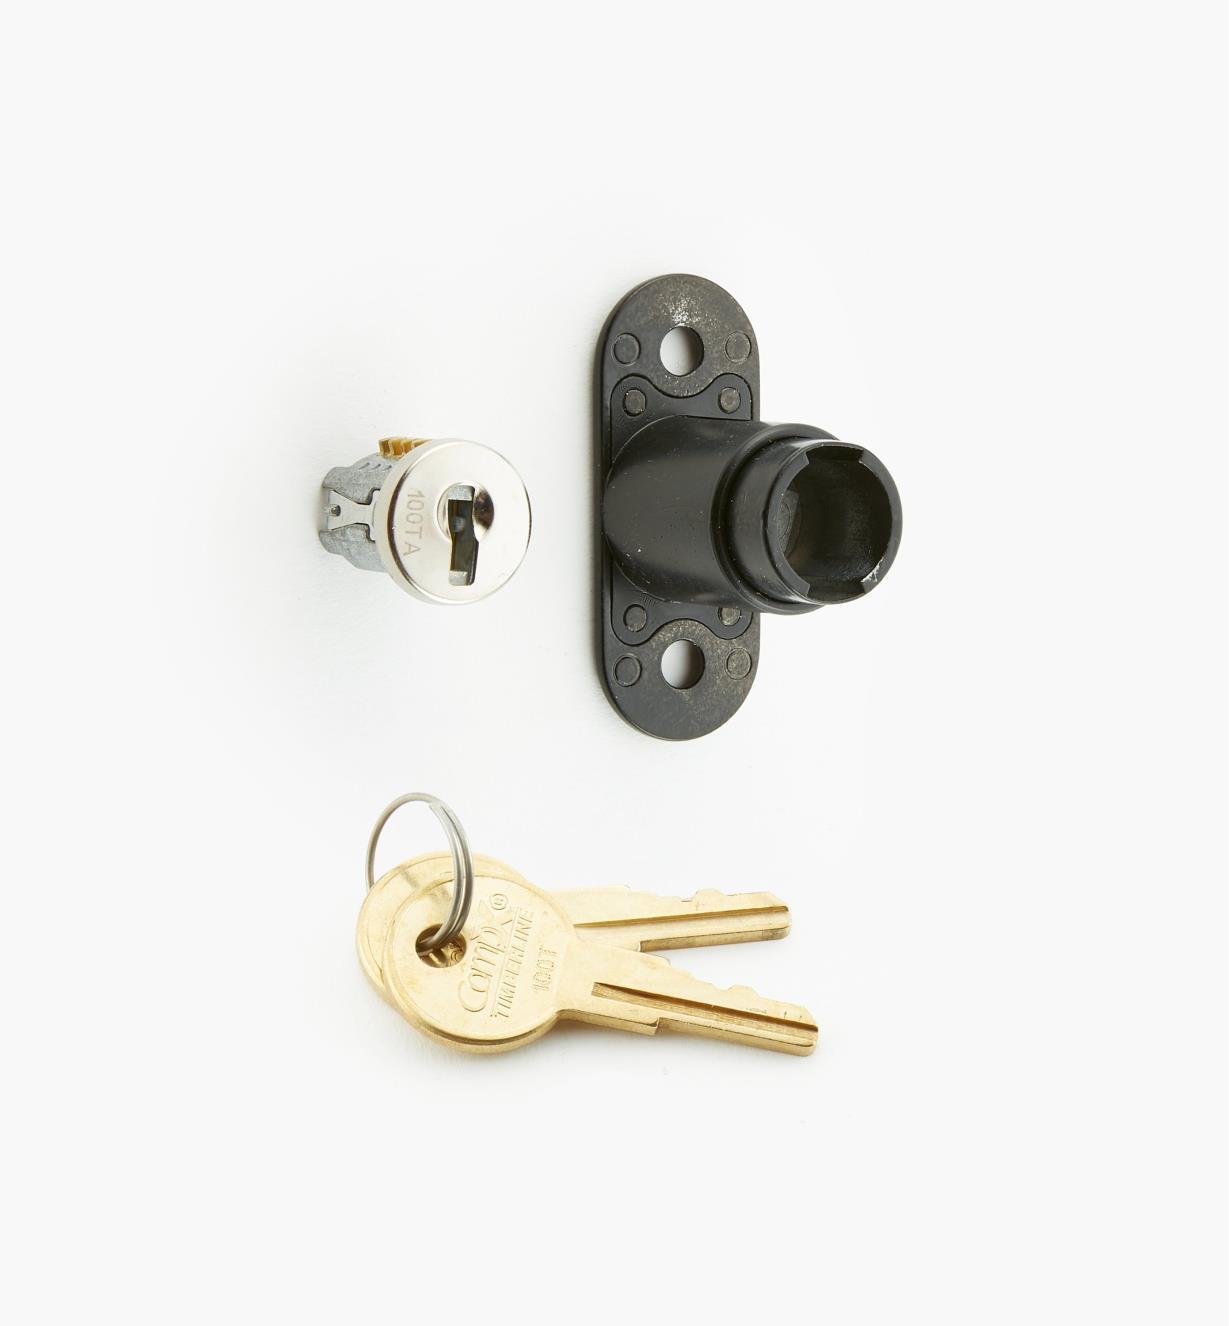 00F0641 - Sliding-Door Push Lock, Satin Nickel